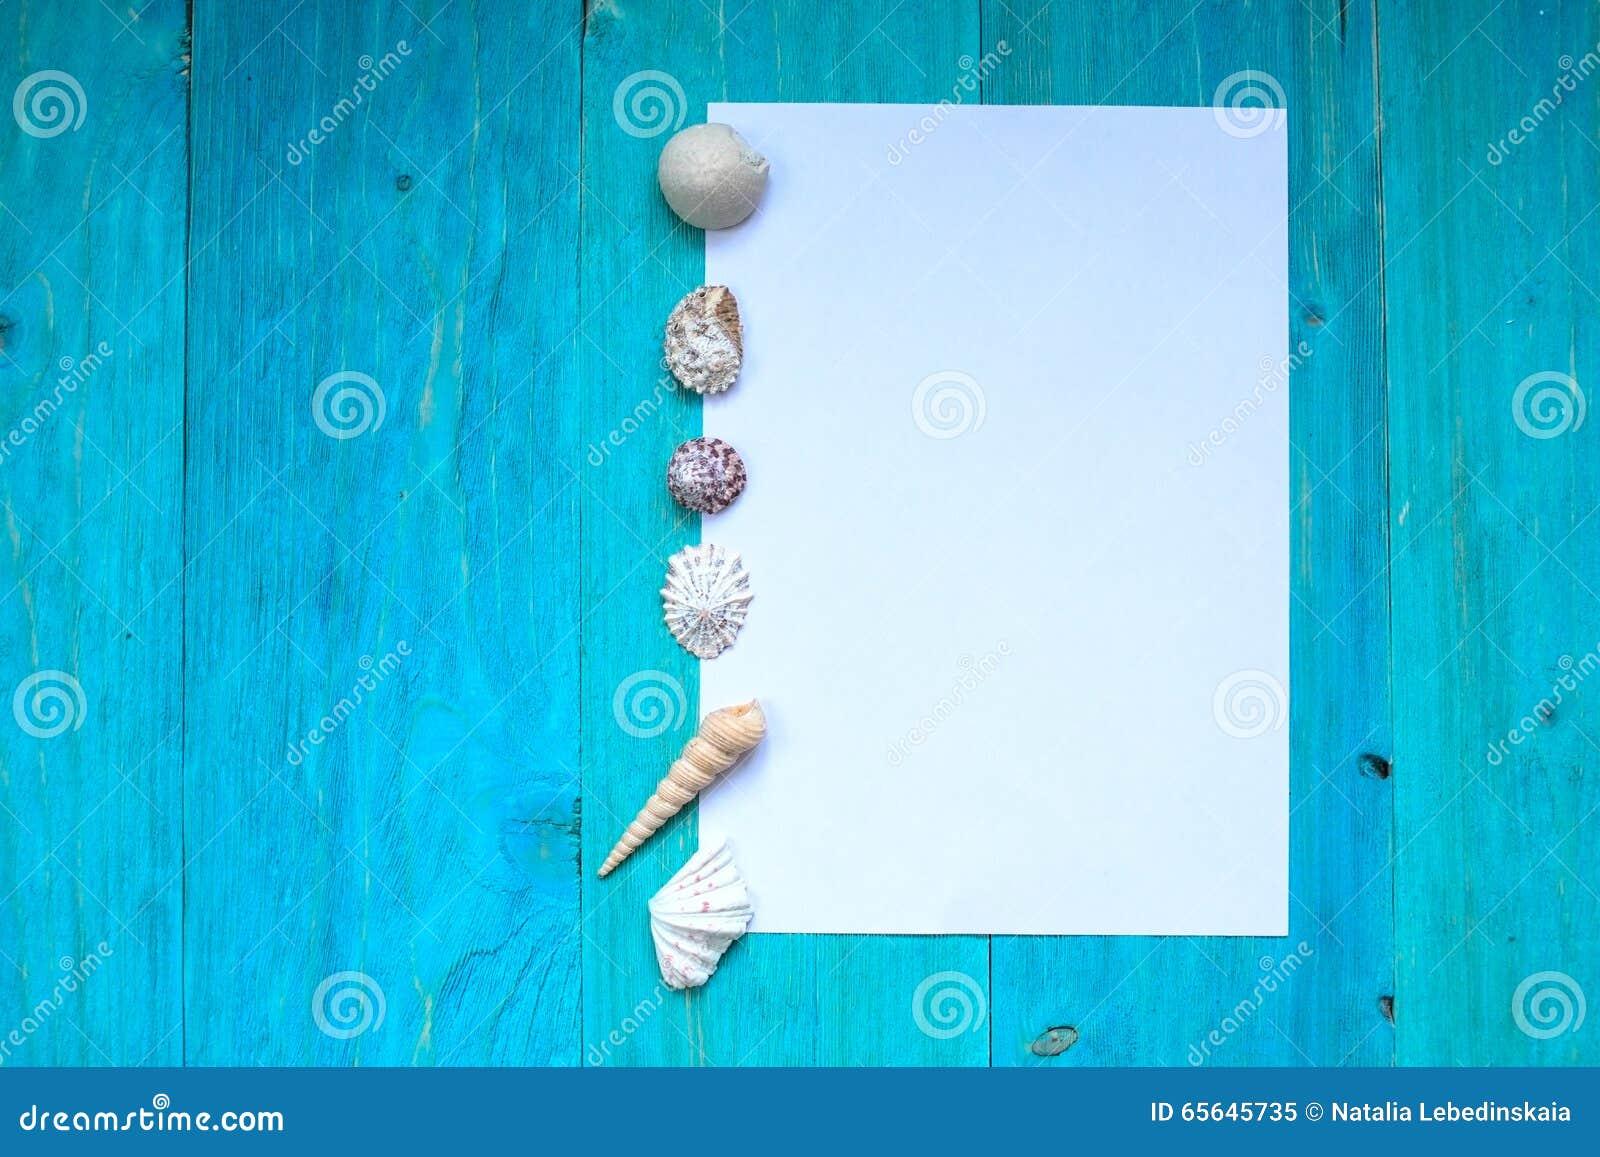 Foglio di carta bianco (spazio per testo), conchiglie, legno blu